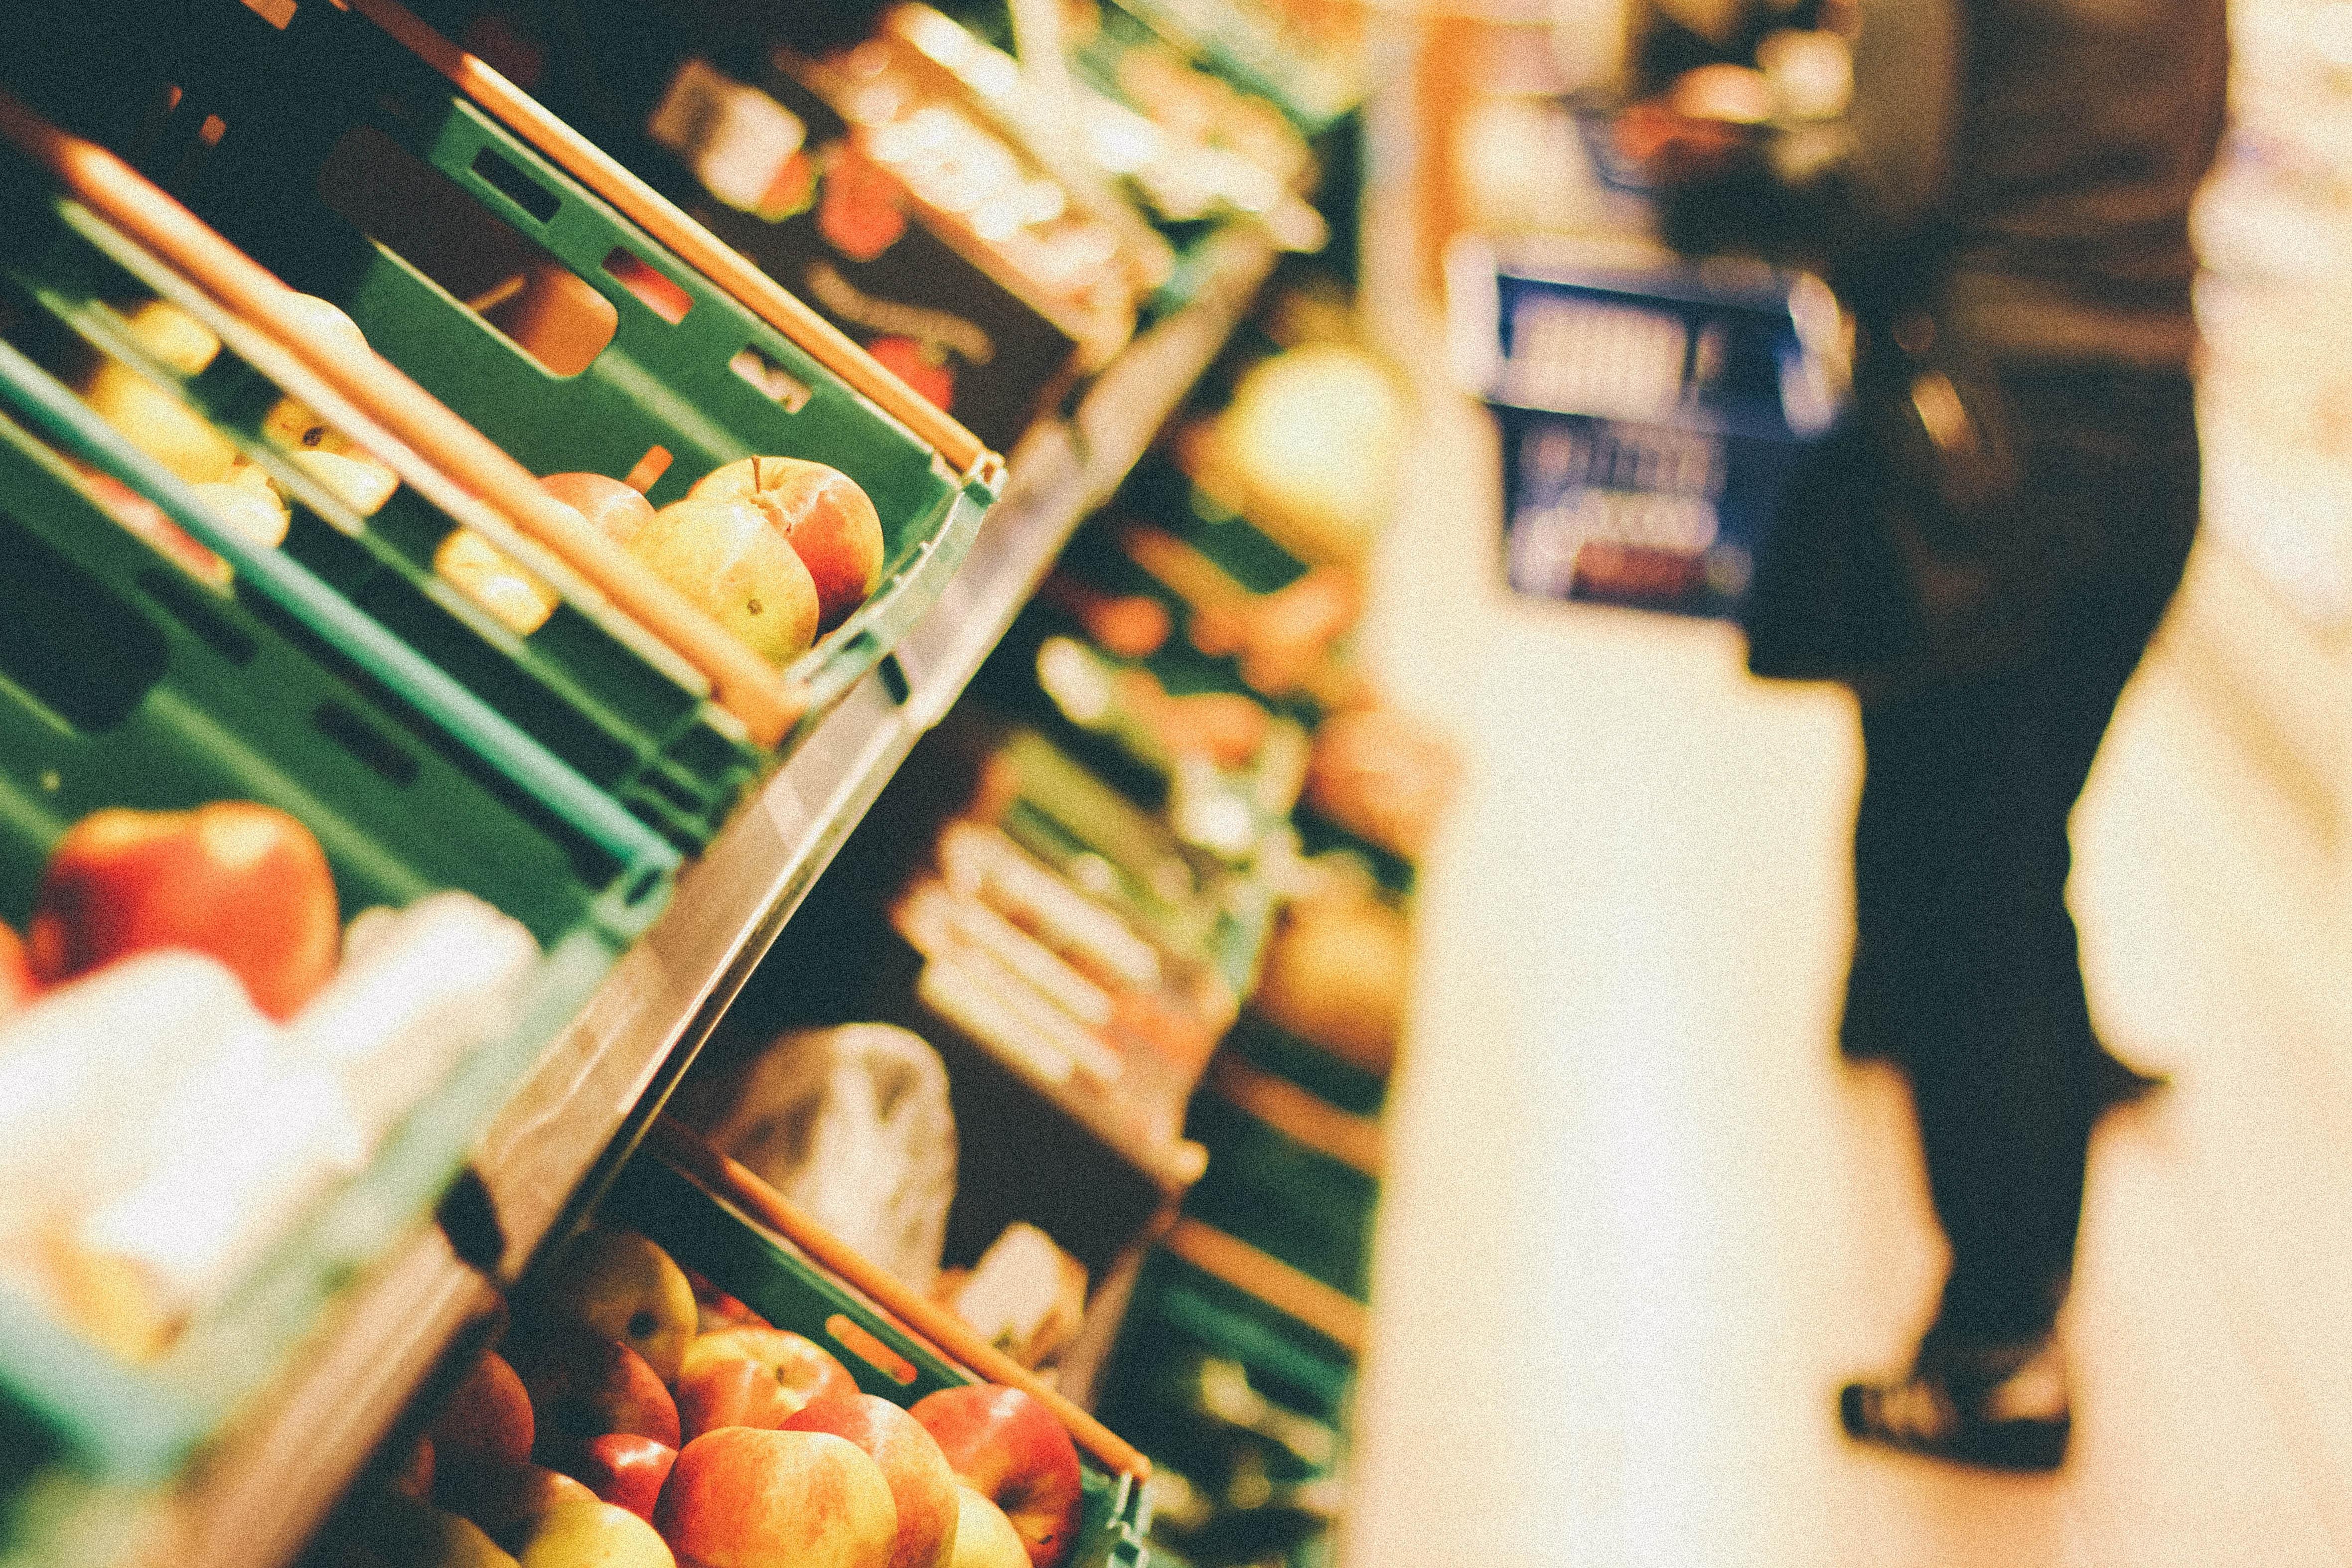 grøntsager supermarked forbruger